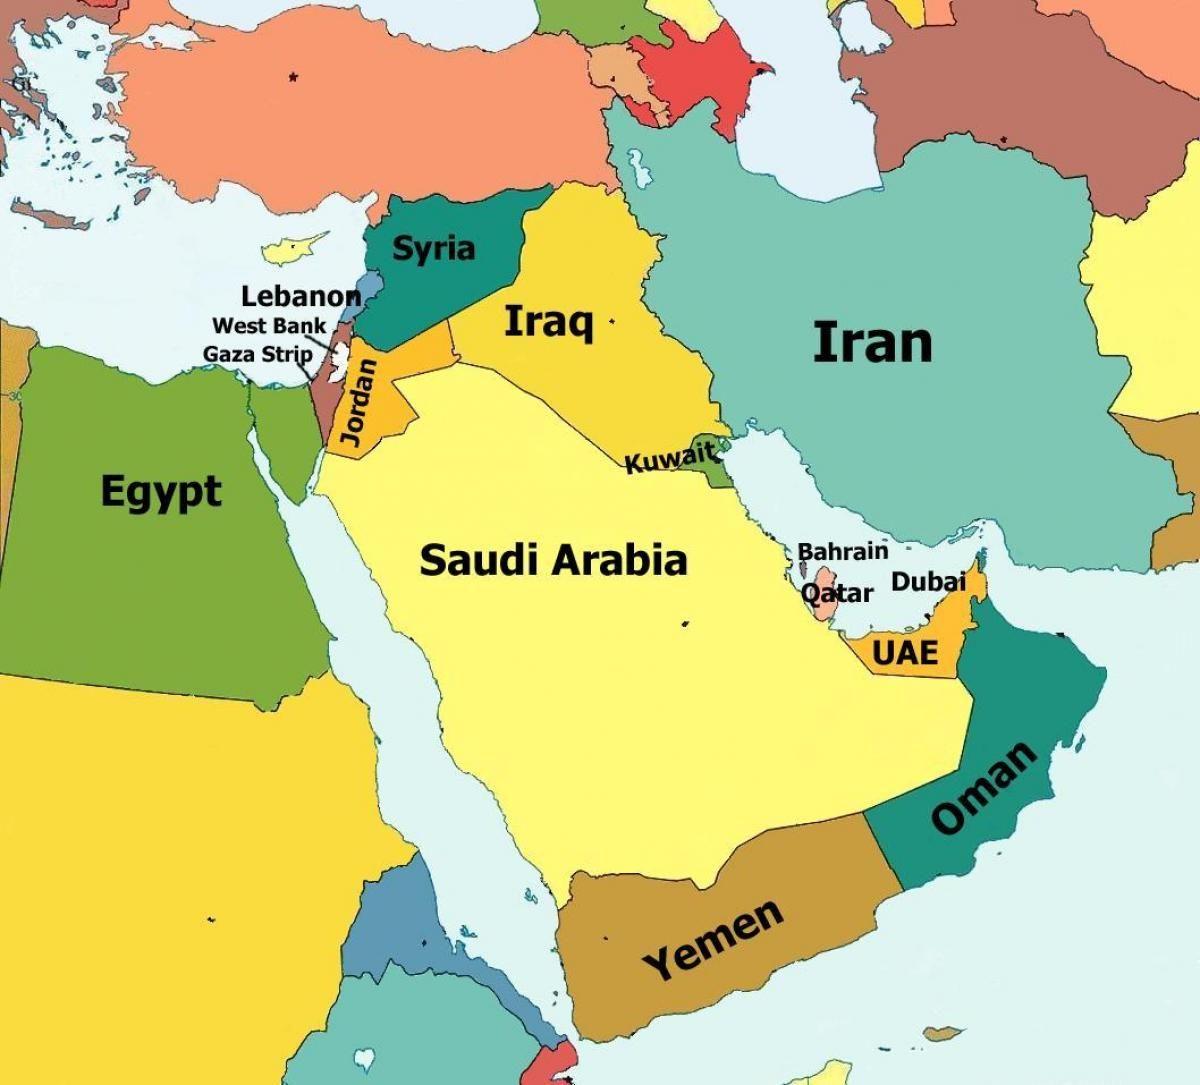 uae location on world map Dubai On World Map And Of World Maps In Dubai Map Dubai Map